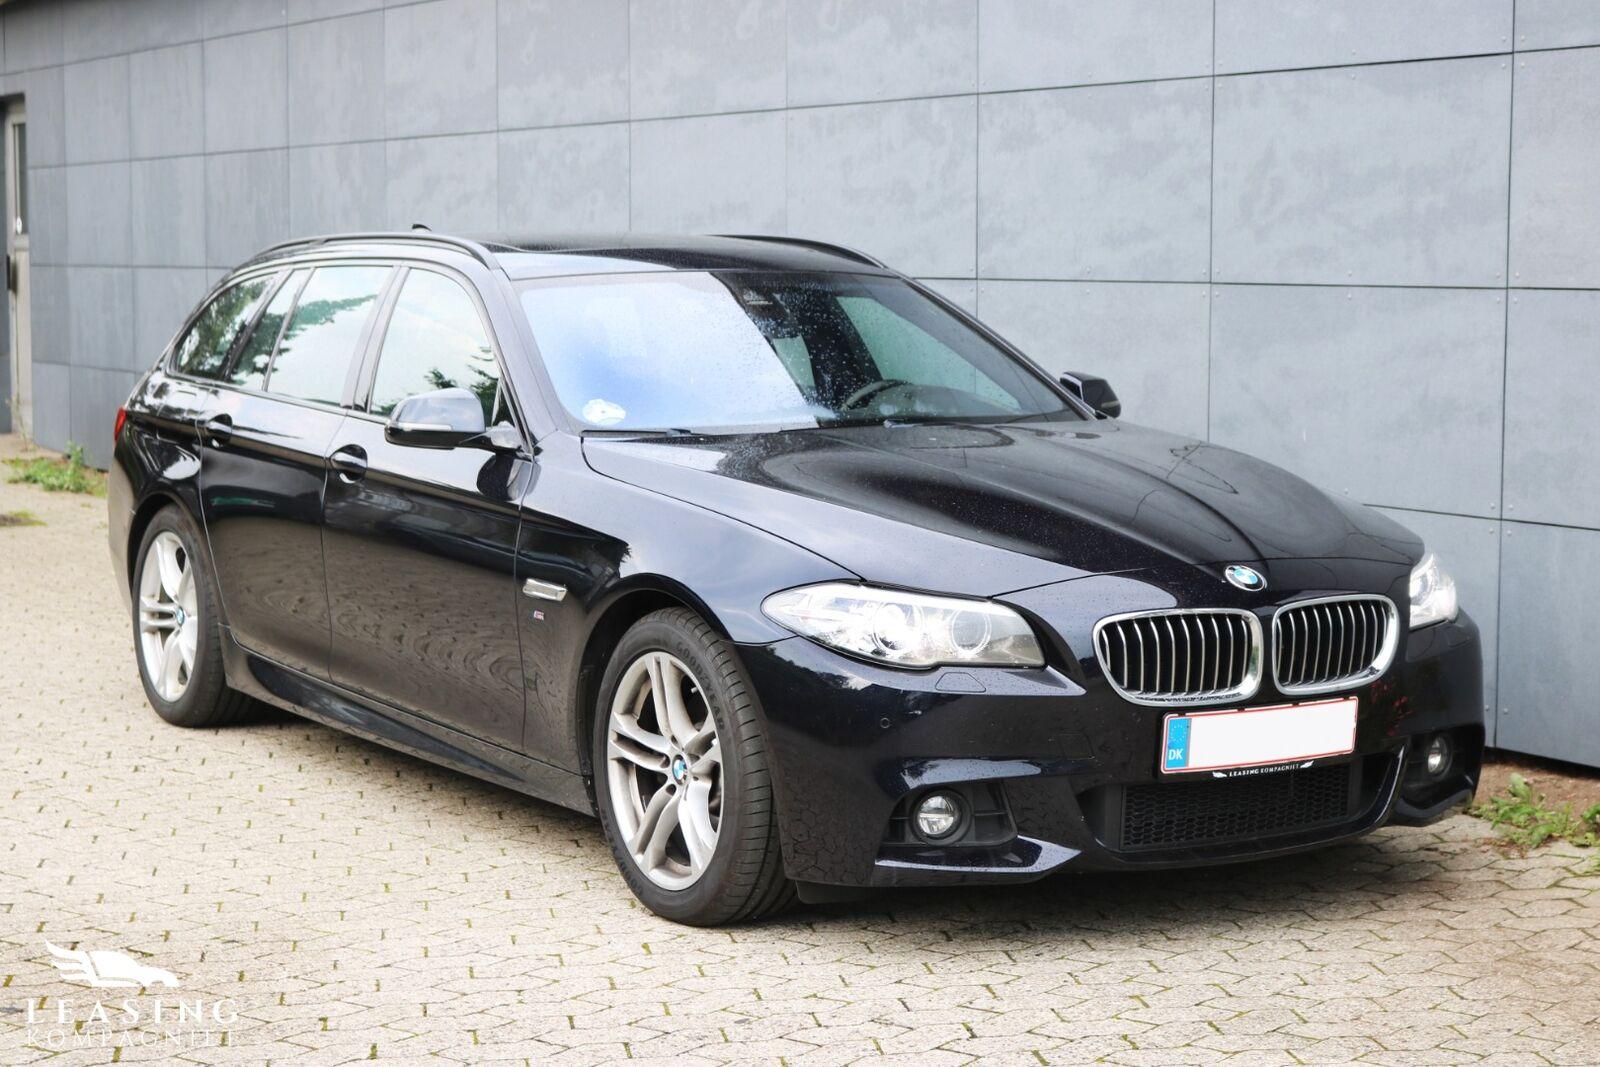 BMW 520d 2,0 Touring aut. 5d - 3.390 kr.